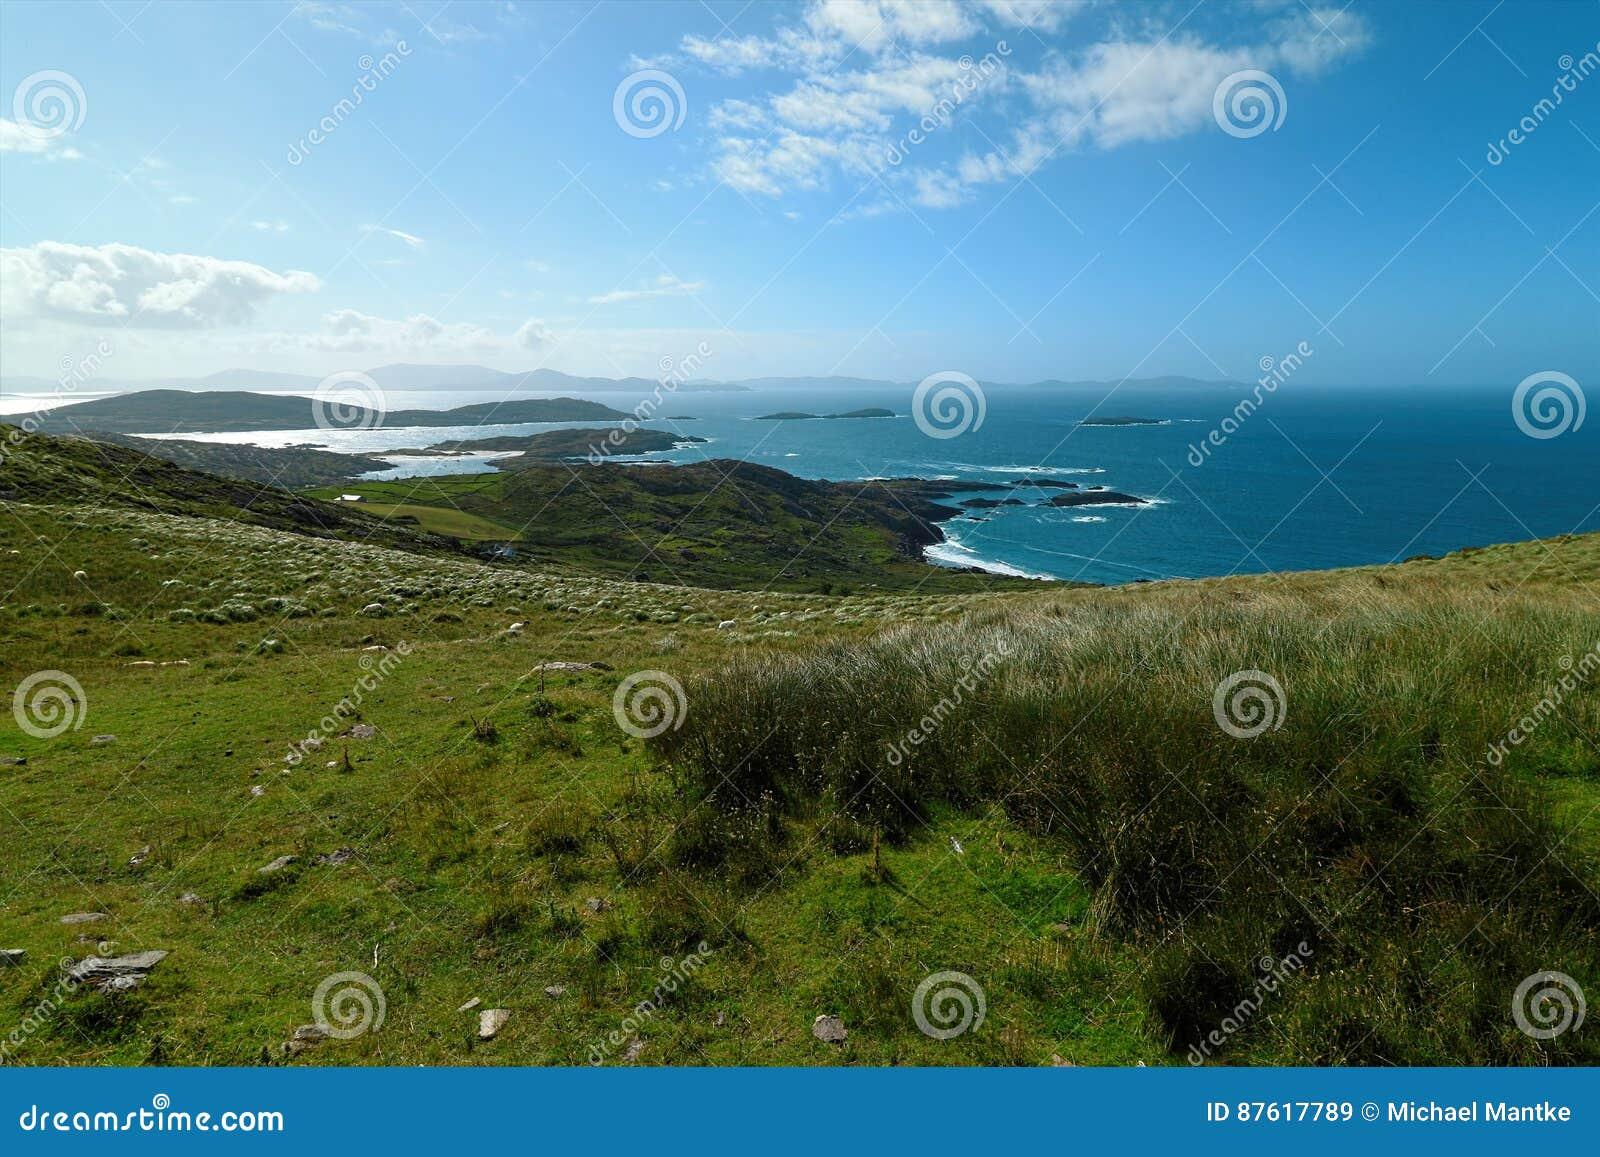 Dichtbij de oceaan - Klippen & aard bij de kust van Ierland